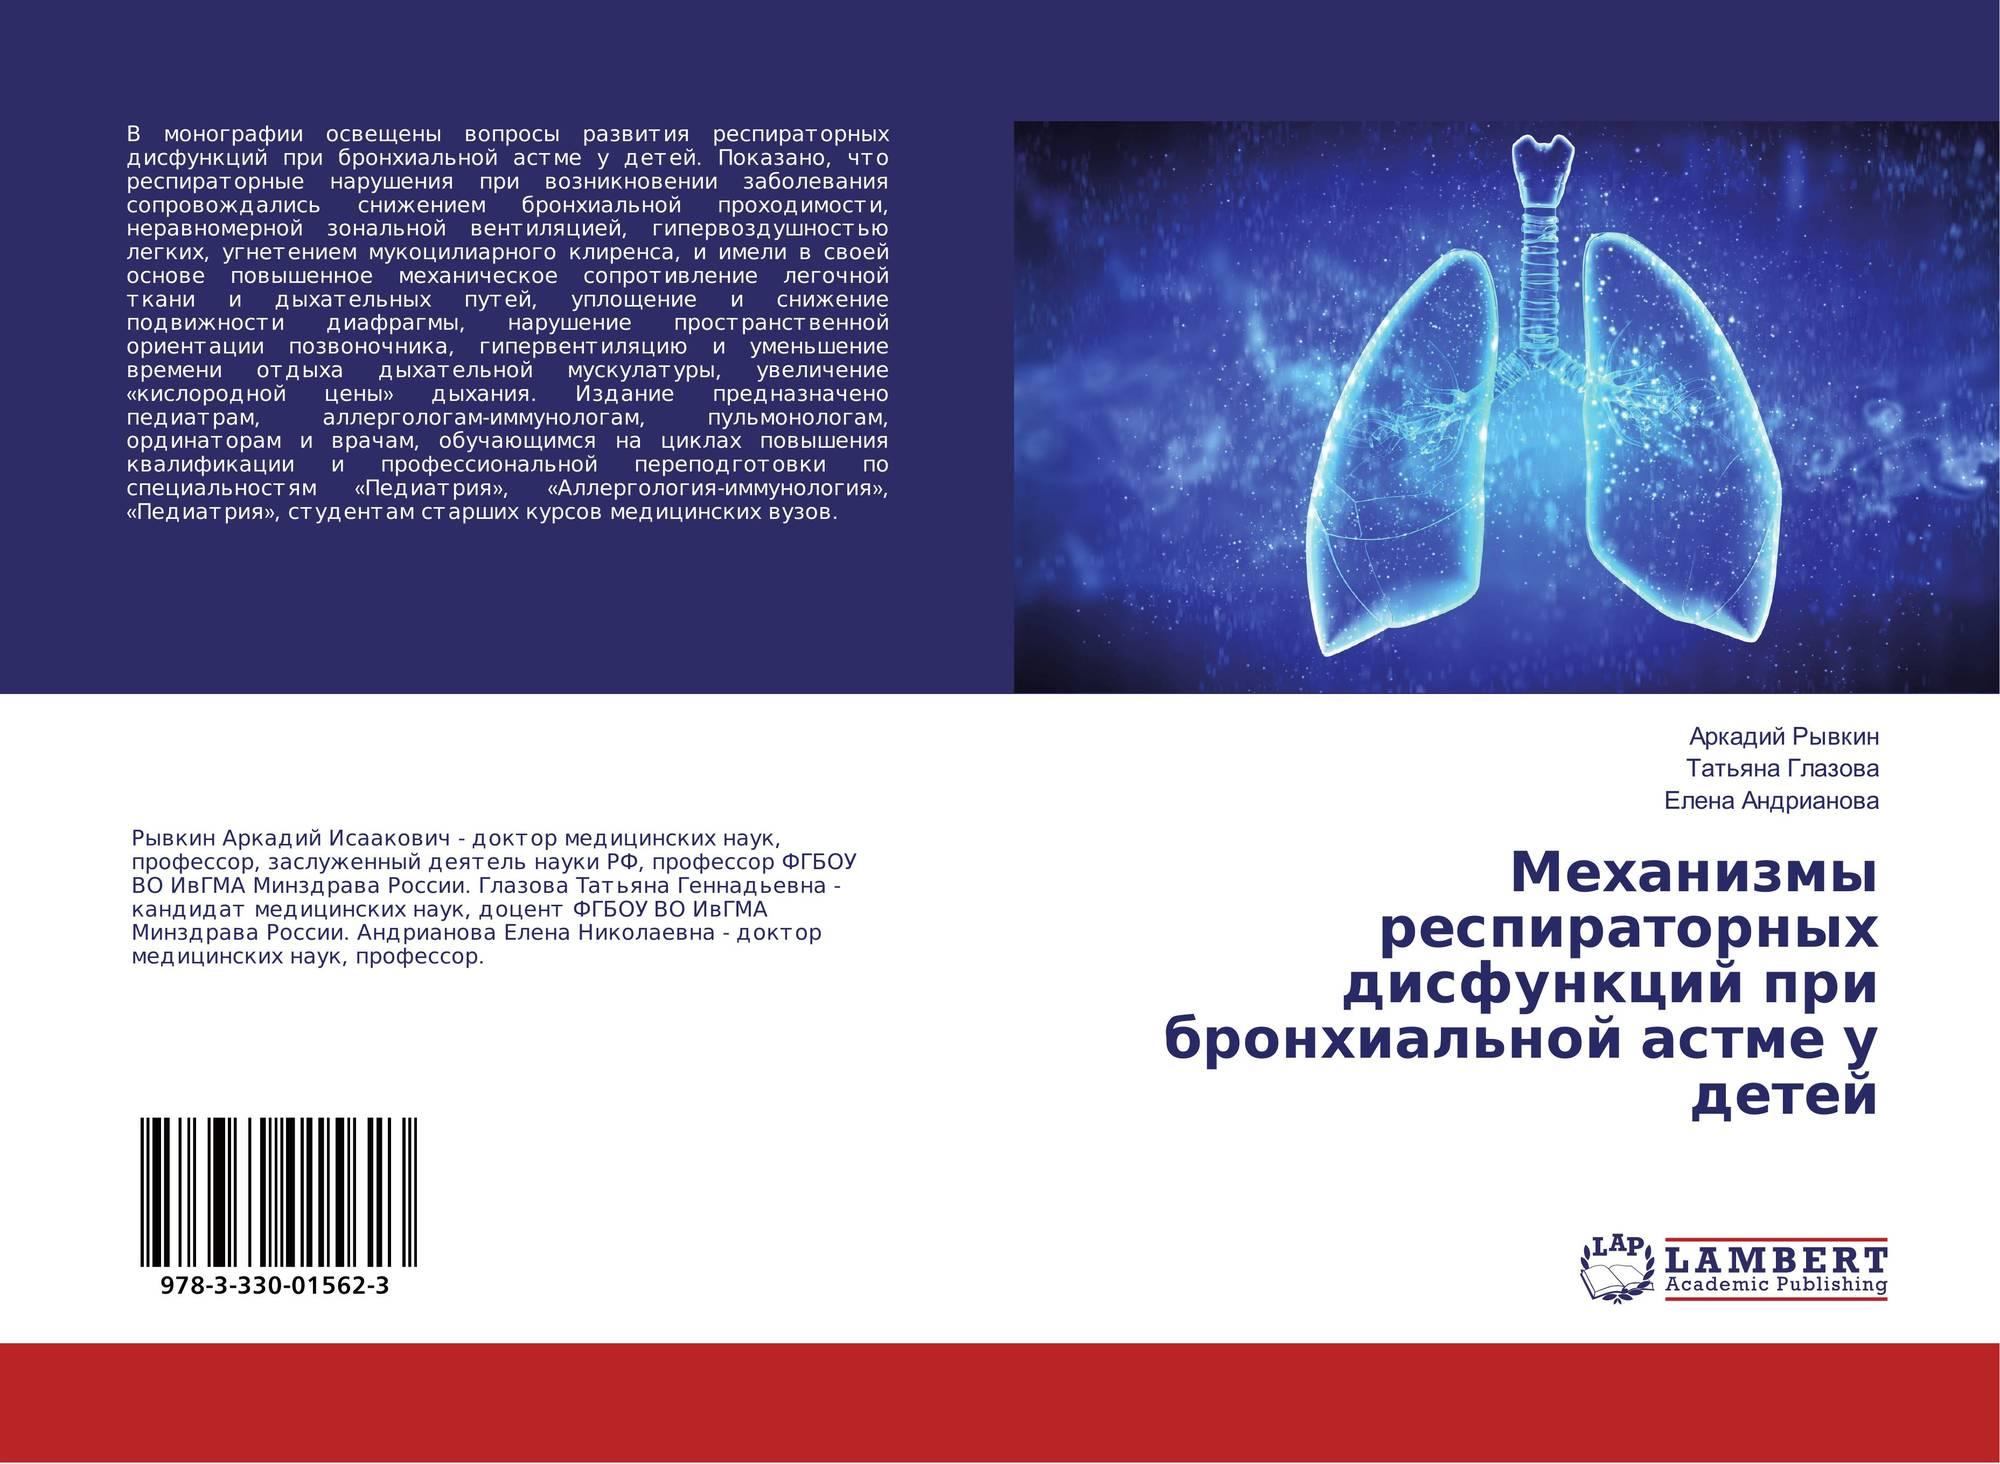 стол при бронхиальной астме у детей